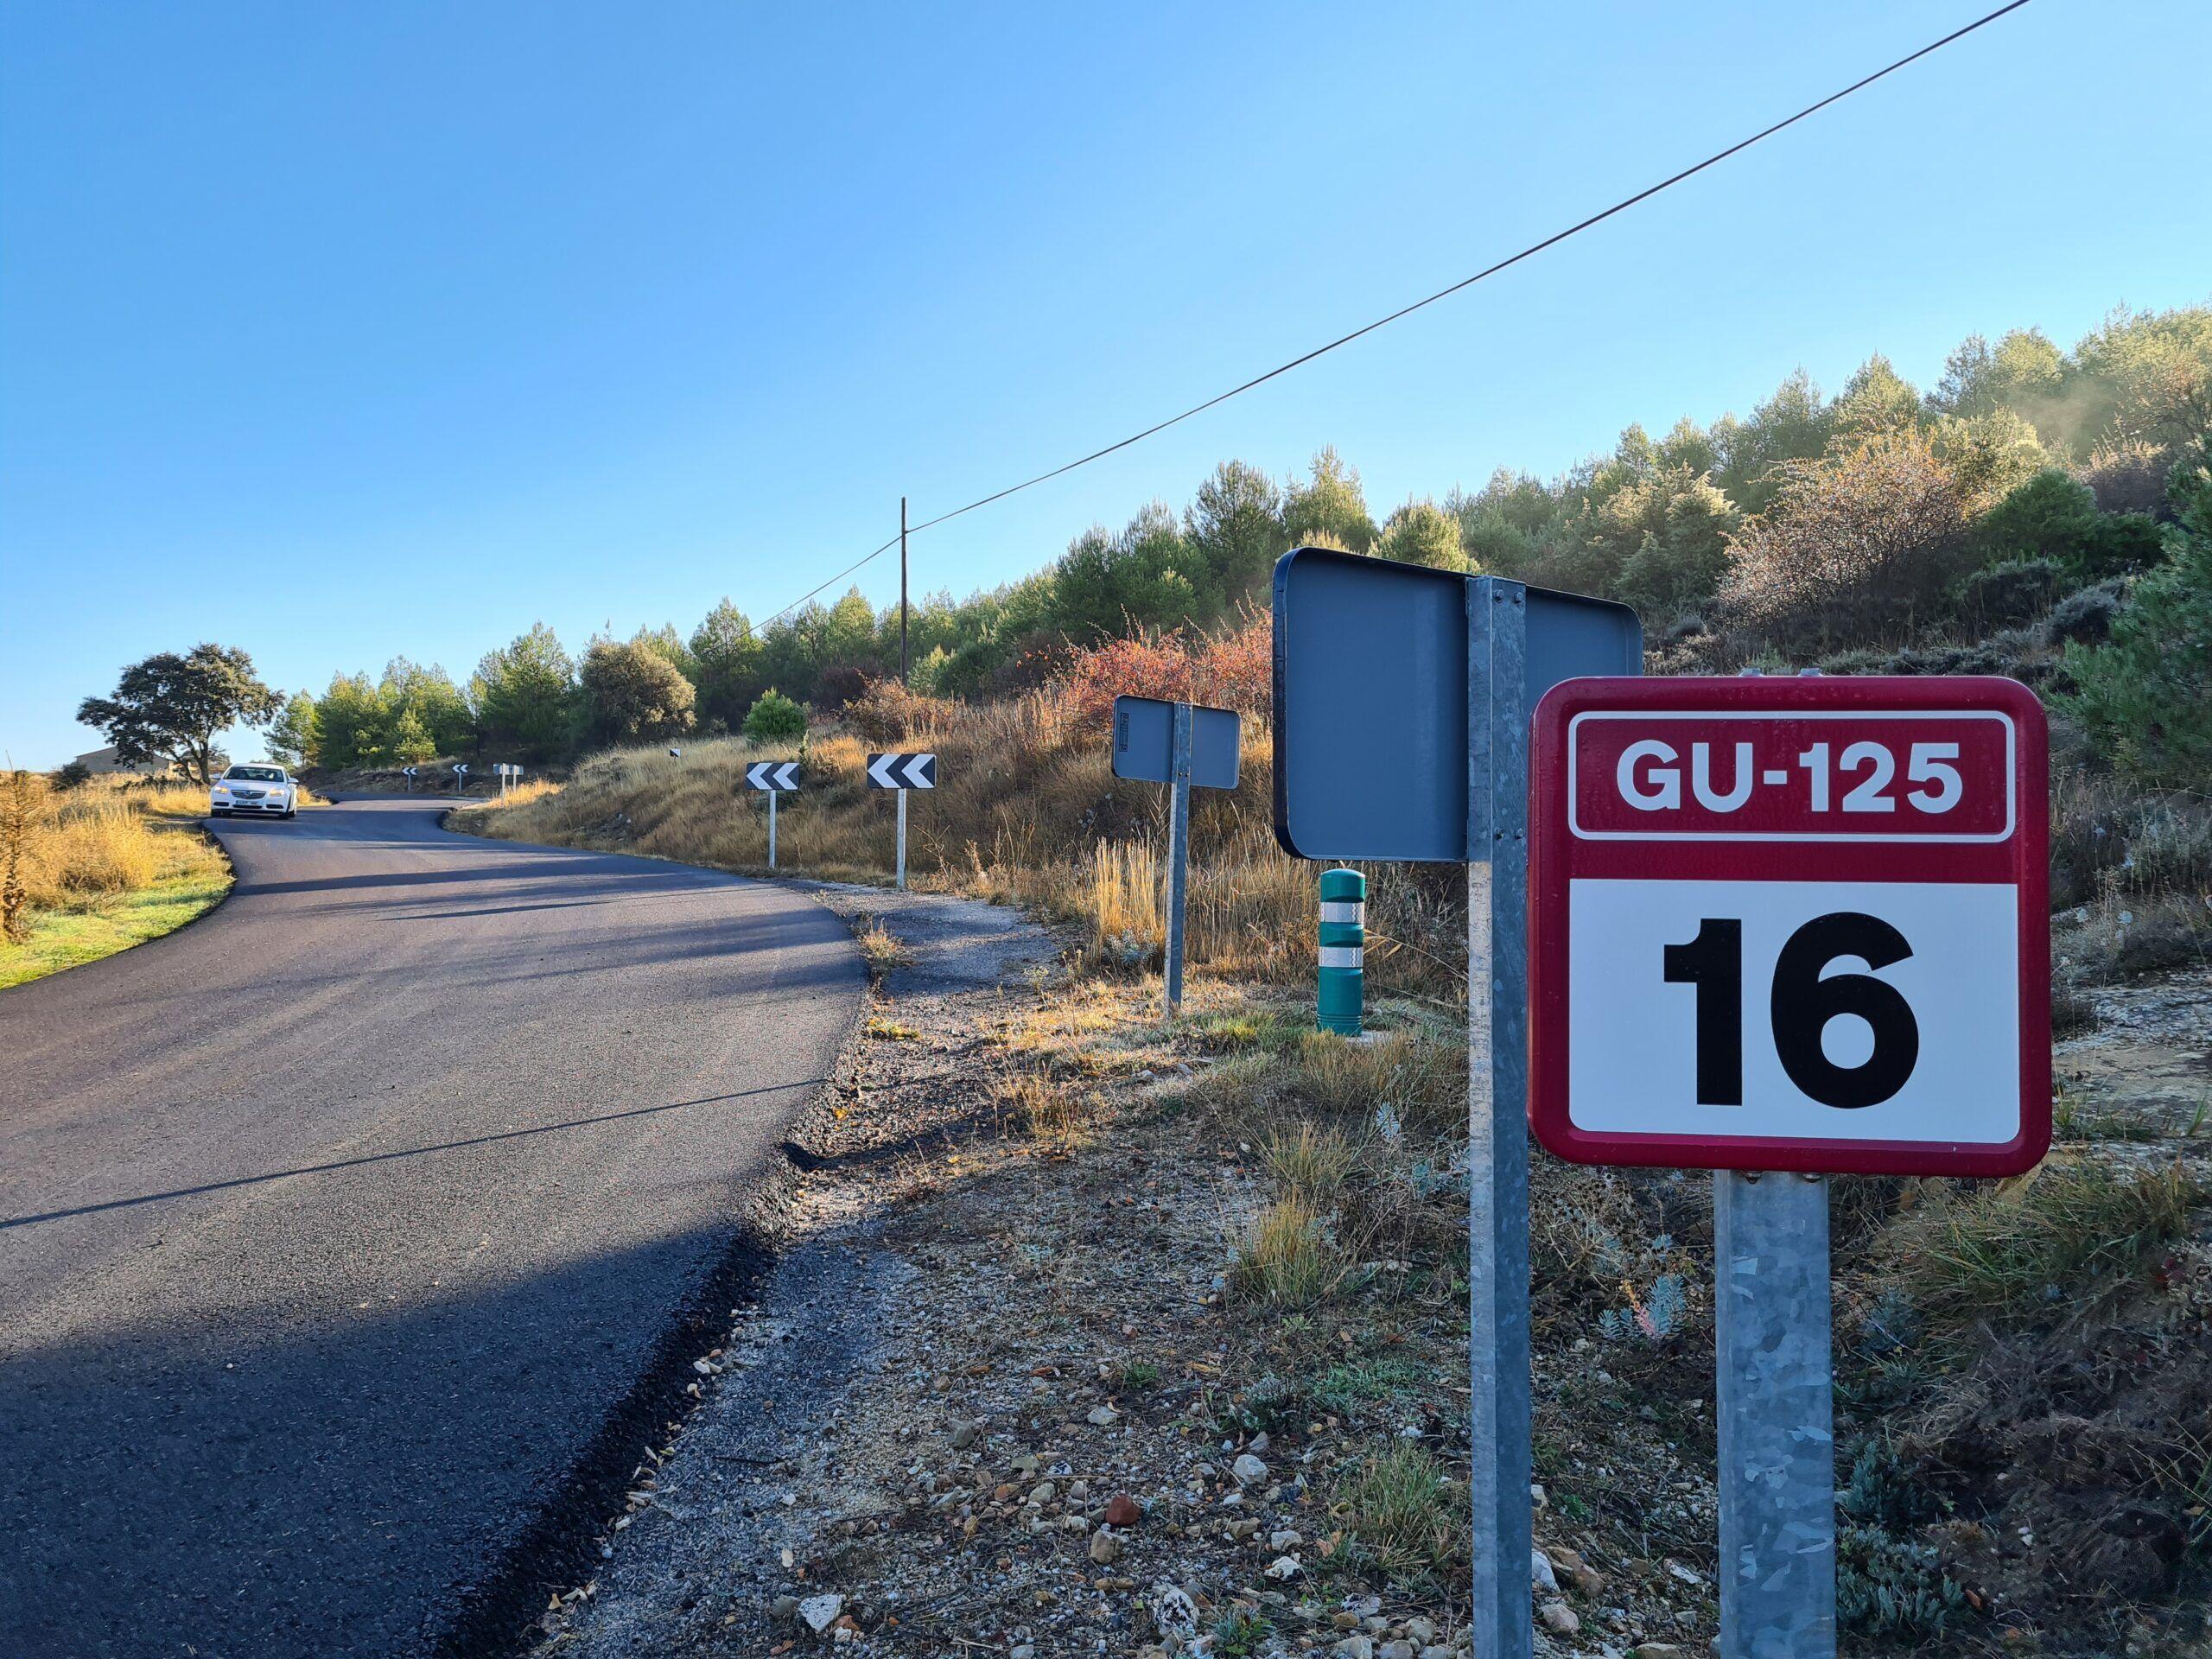 La Diputación arregla la carretera GU-125 entre Sigüenza y Guijosa